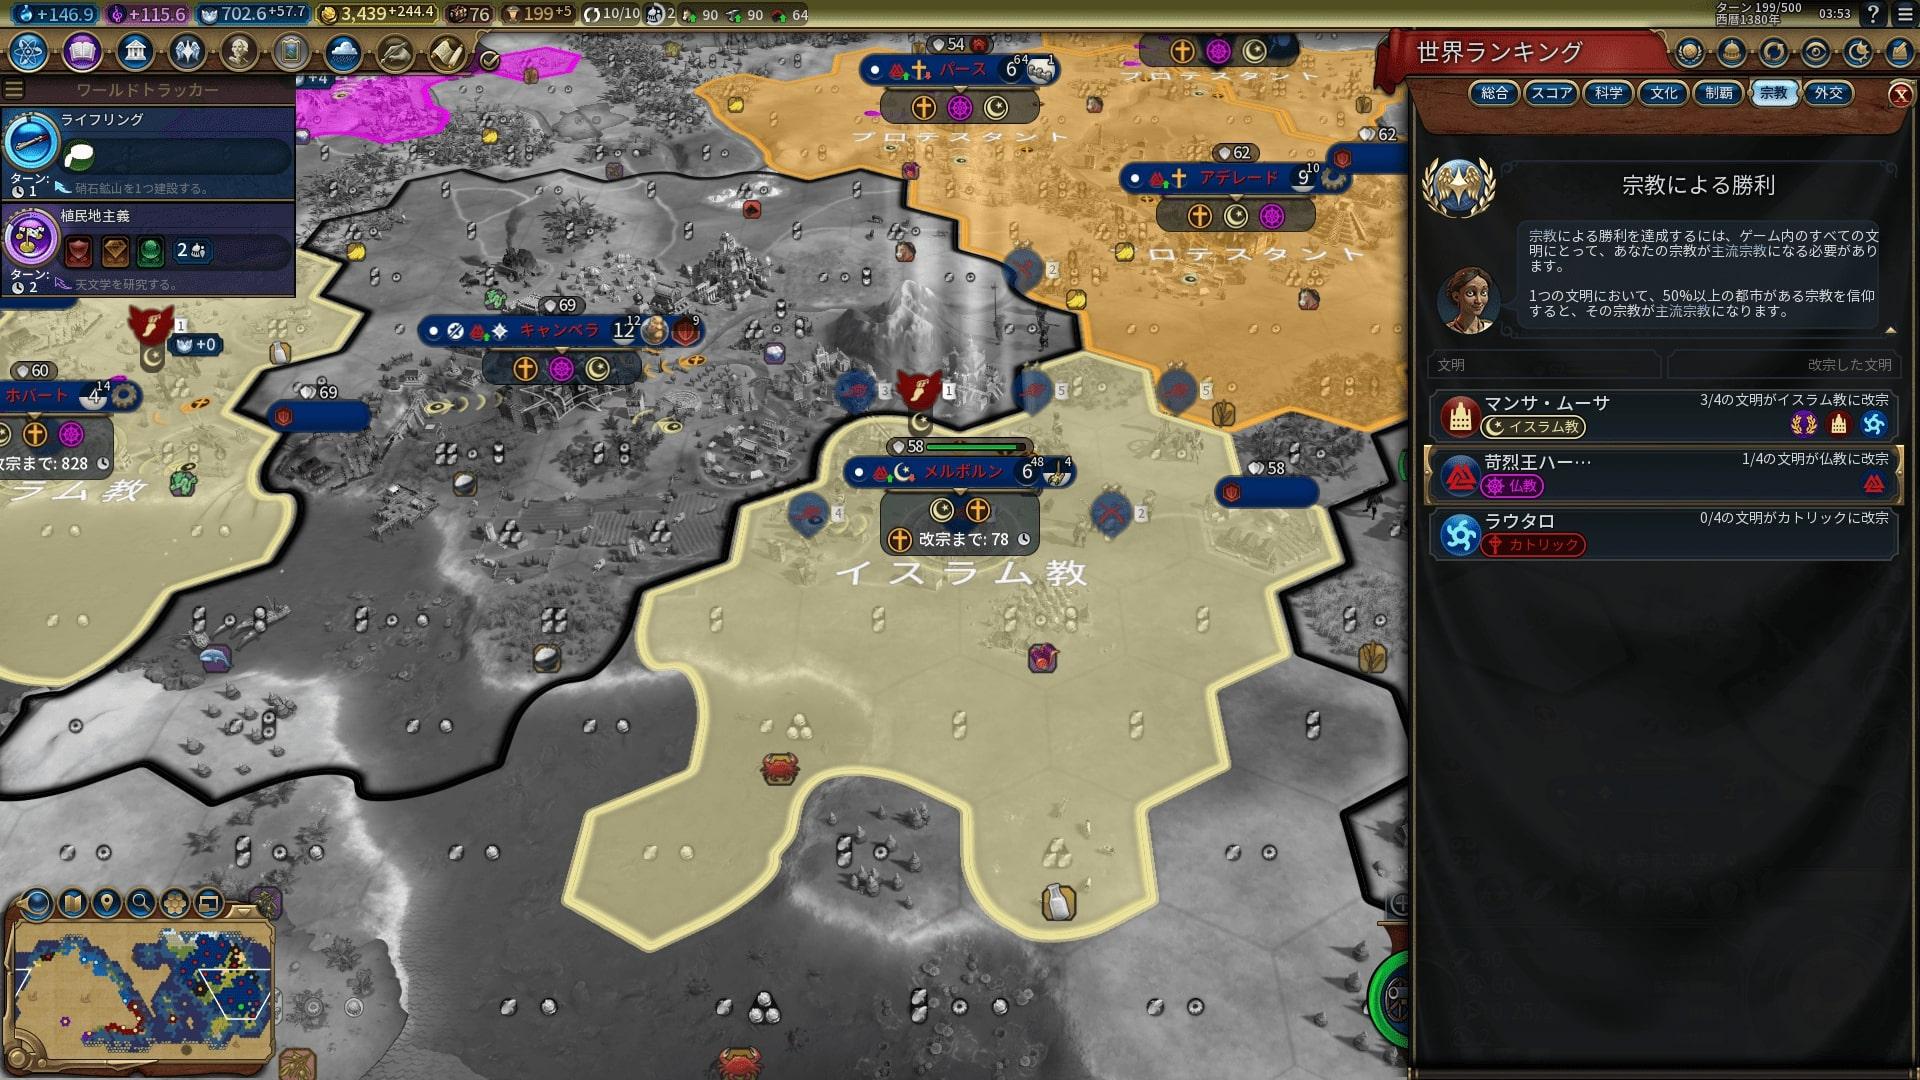 199十字軍を発動する条件は整った.jpg